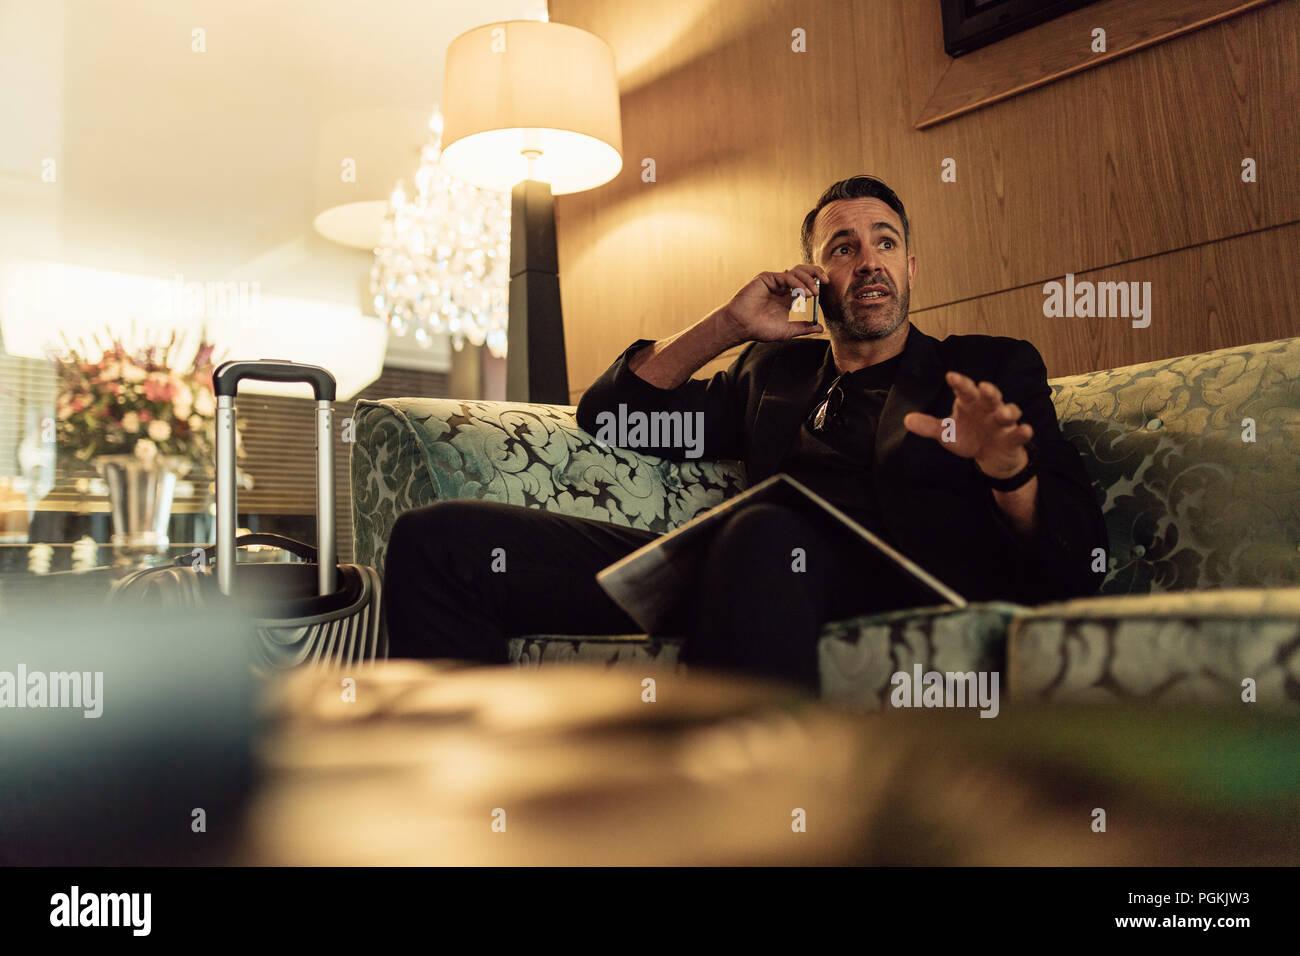 Empresario maduro sentado en el vestíbulo del hotel y hablando por teléfono móvil. Empresario esperando en el vestíbulo del hotel realizar llamadas telefónicas. Imagen De Stock